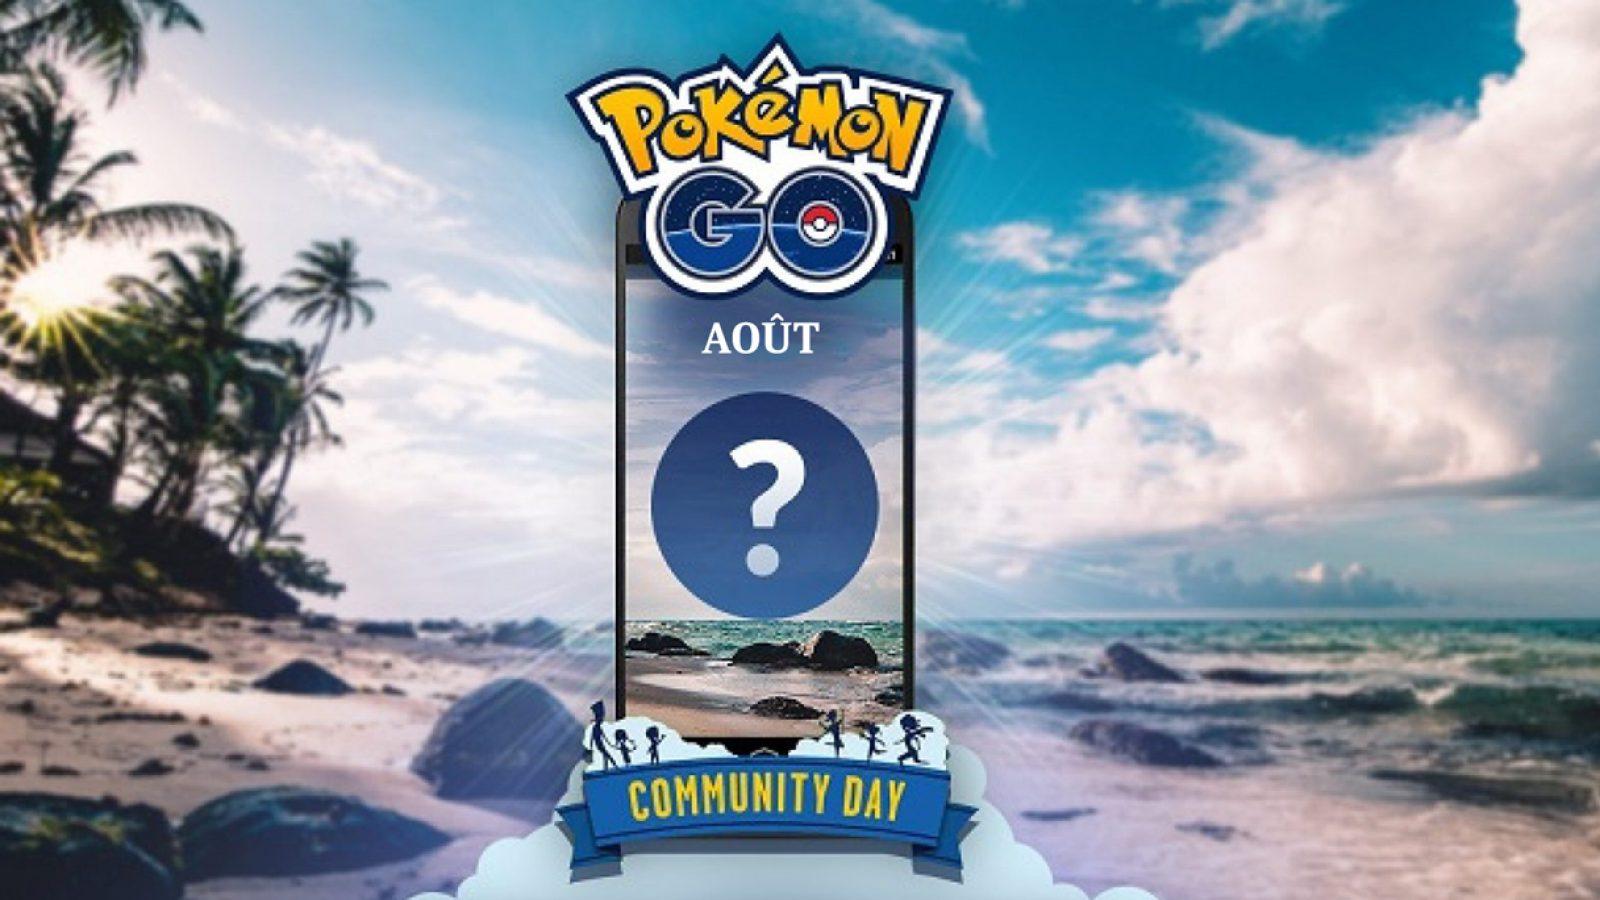 Pokémon GO Community Day aout 2020